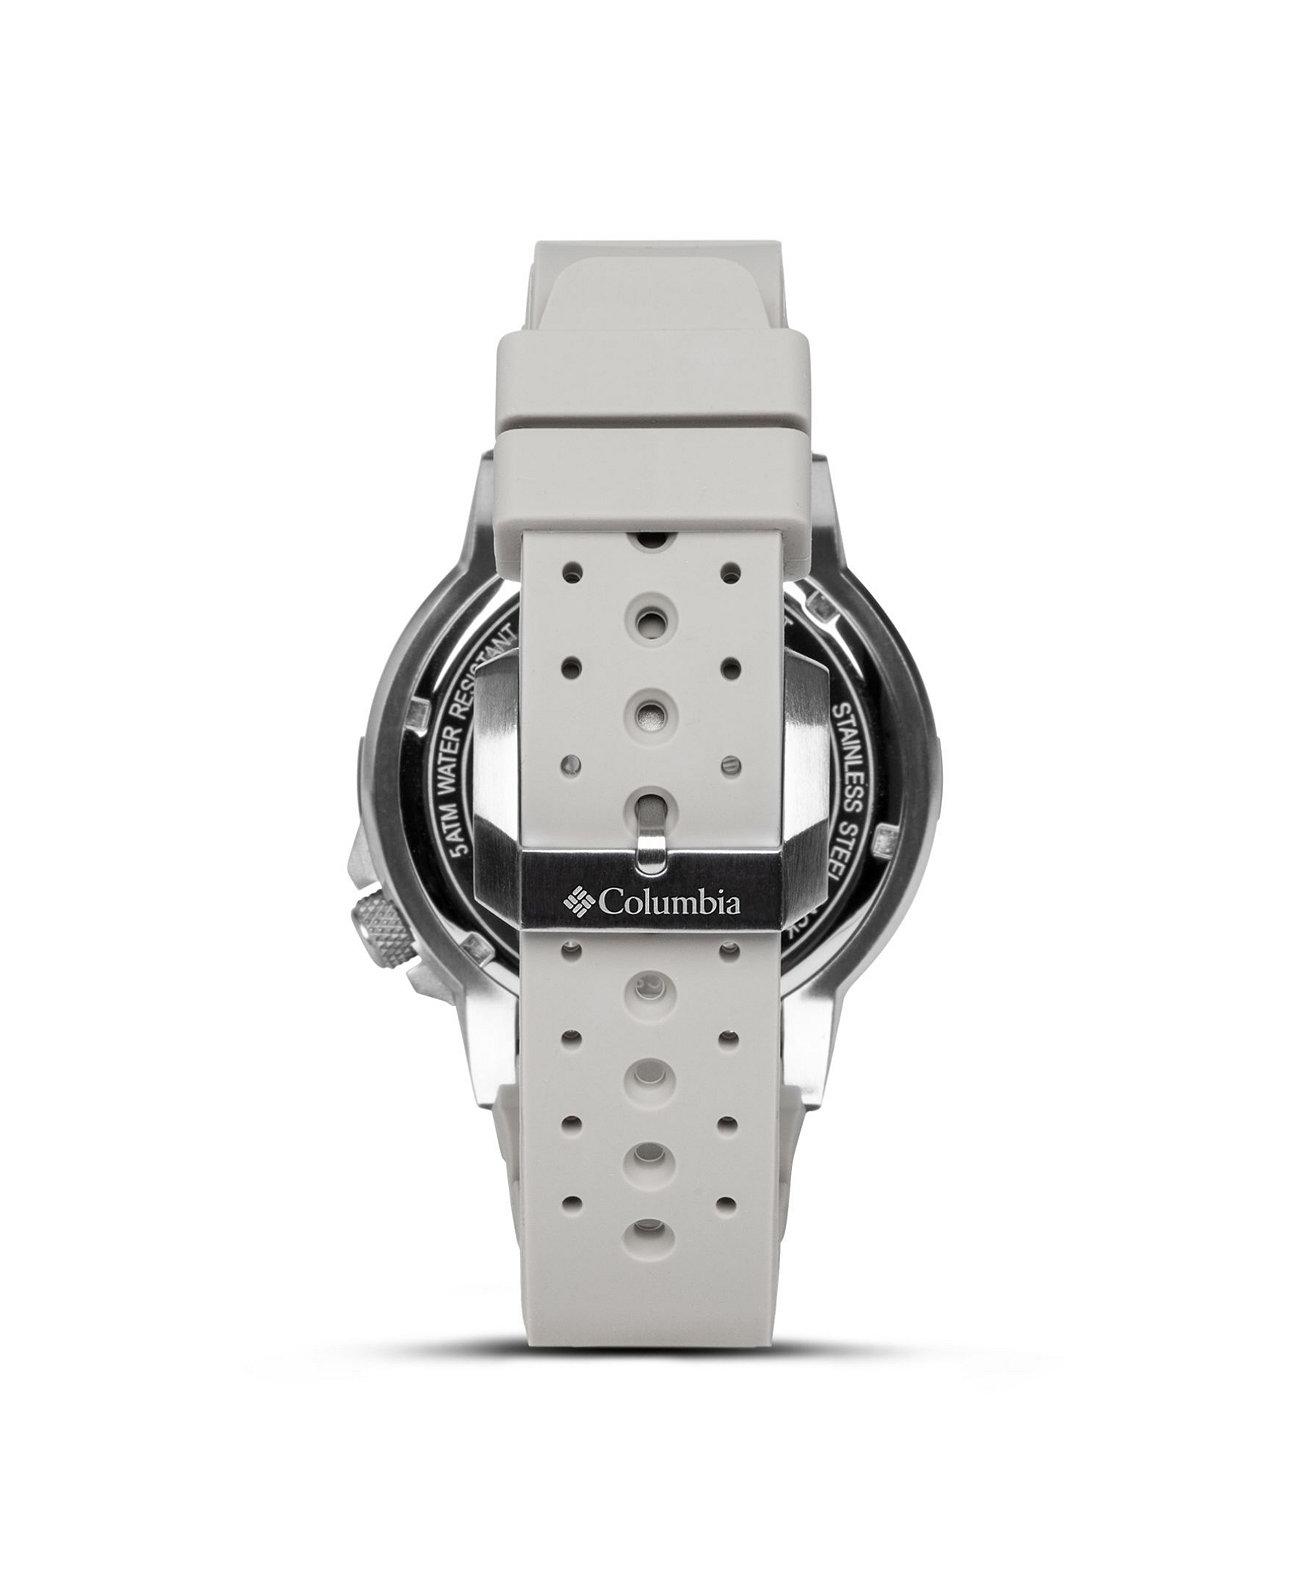 Мужские часы Peak Patrol Серый силиконовый ремешок 42мм Columbia